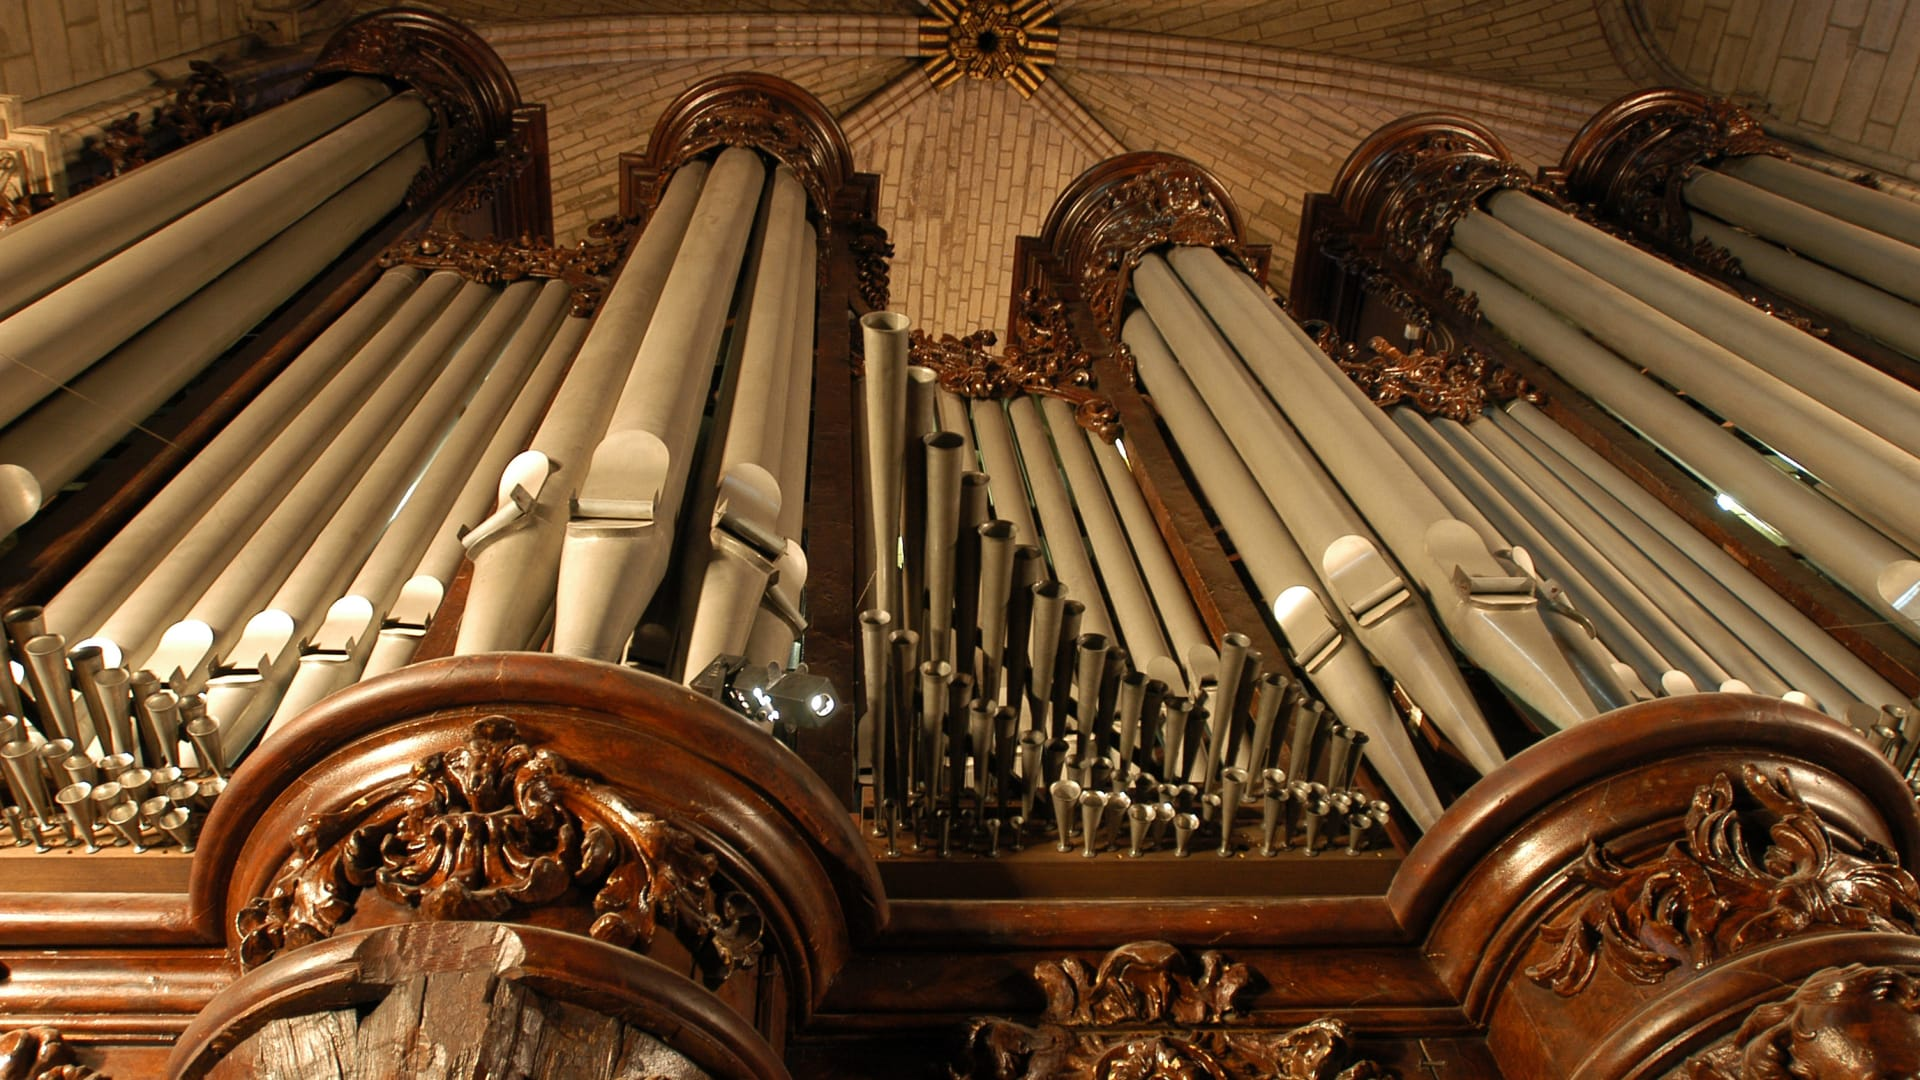 كيف تم إنقاذ الكنوز التي لا تقدر بثمن بكاتدرائية نوتردام؟